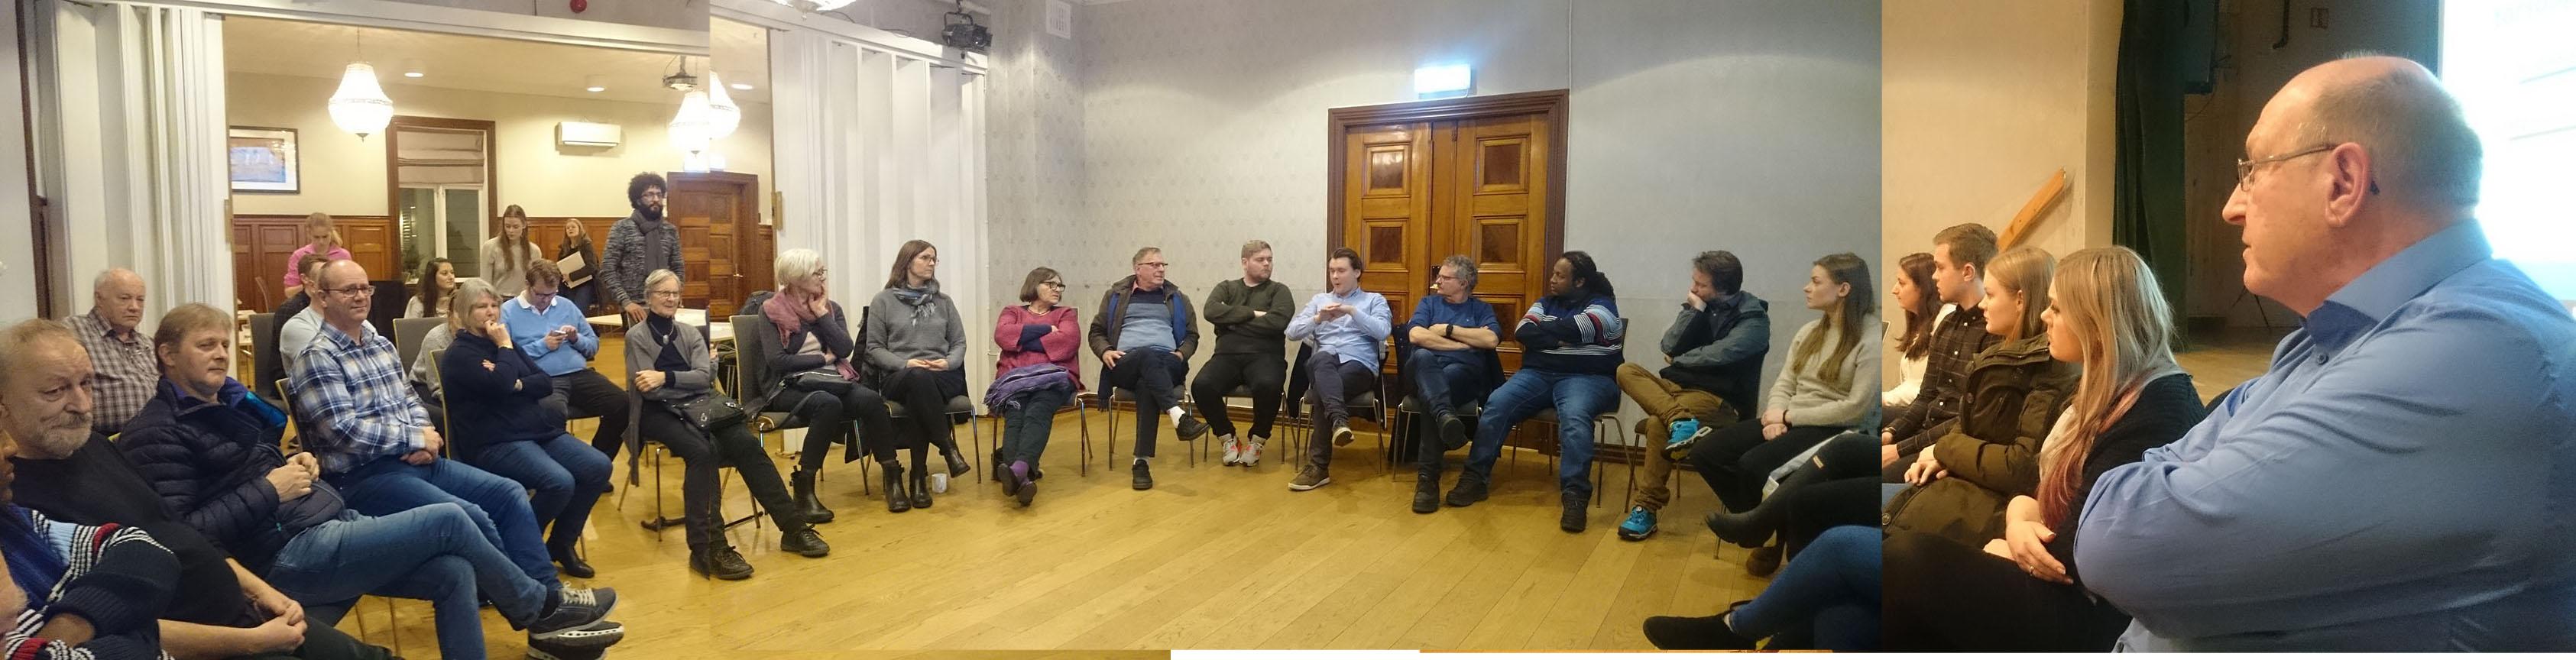 2018-02-08 Medlemsmøte i storsalen